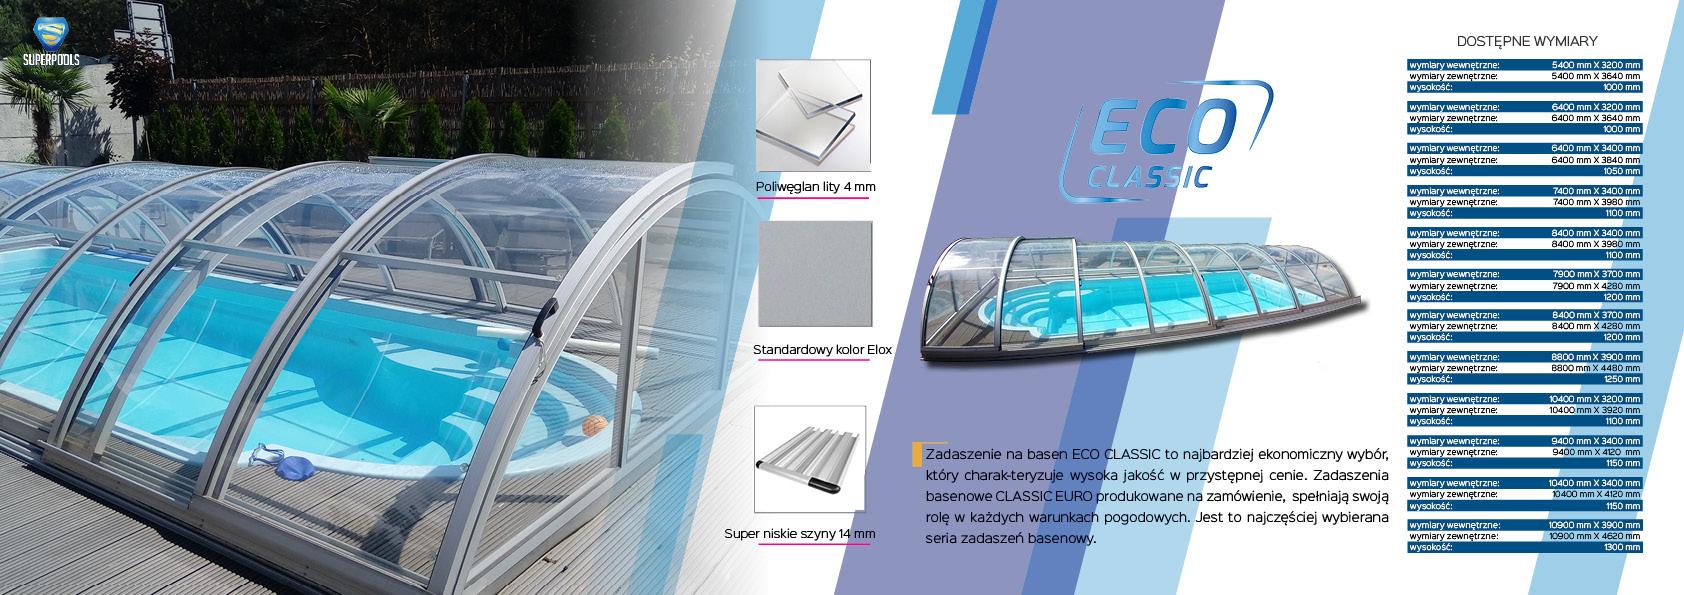 zadaszenie basenowe eco classic